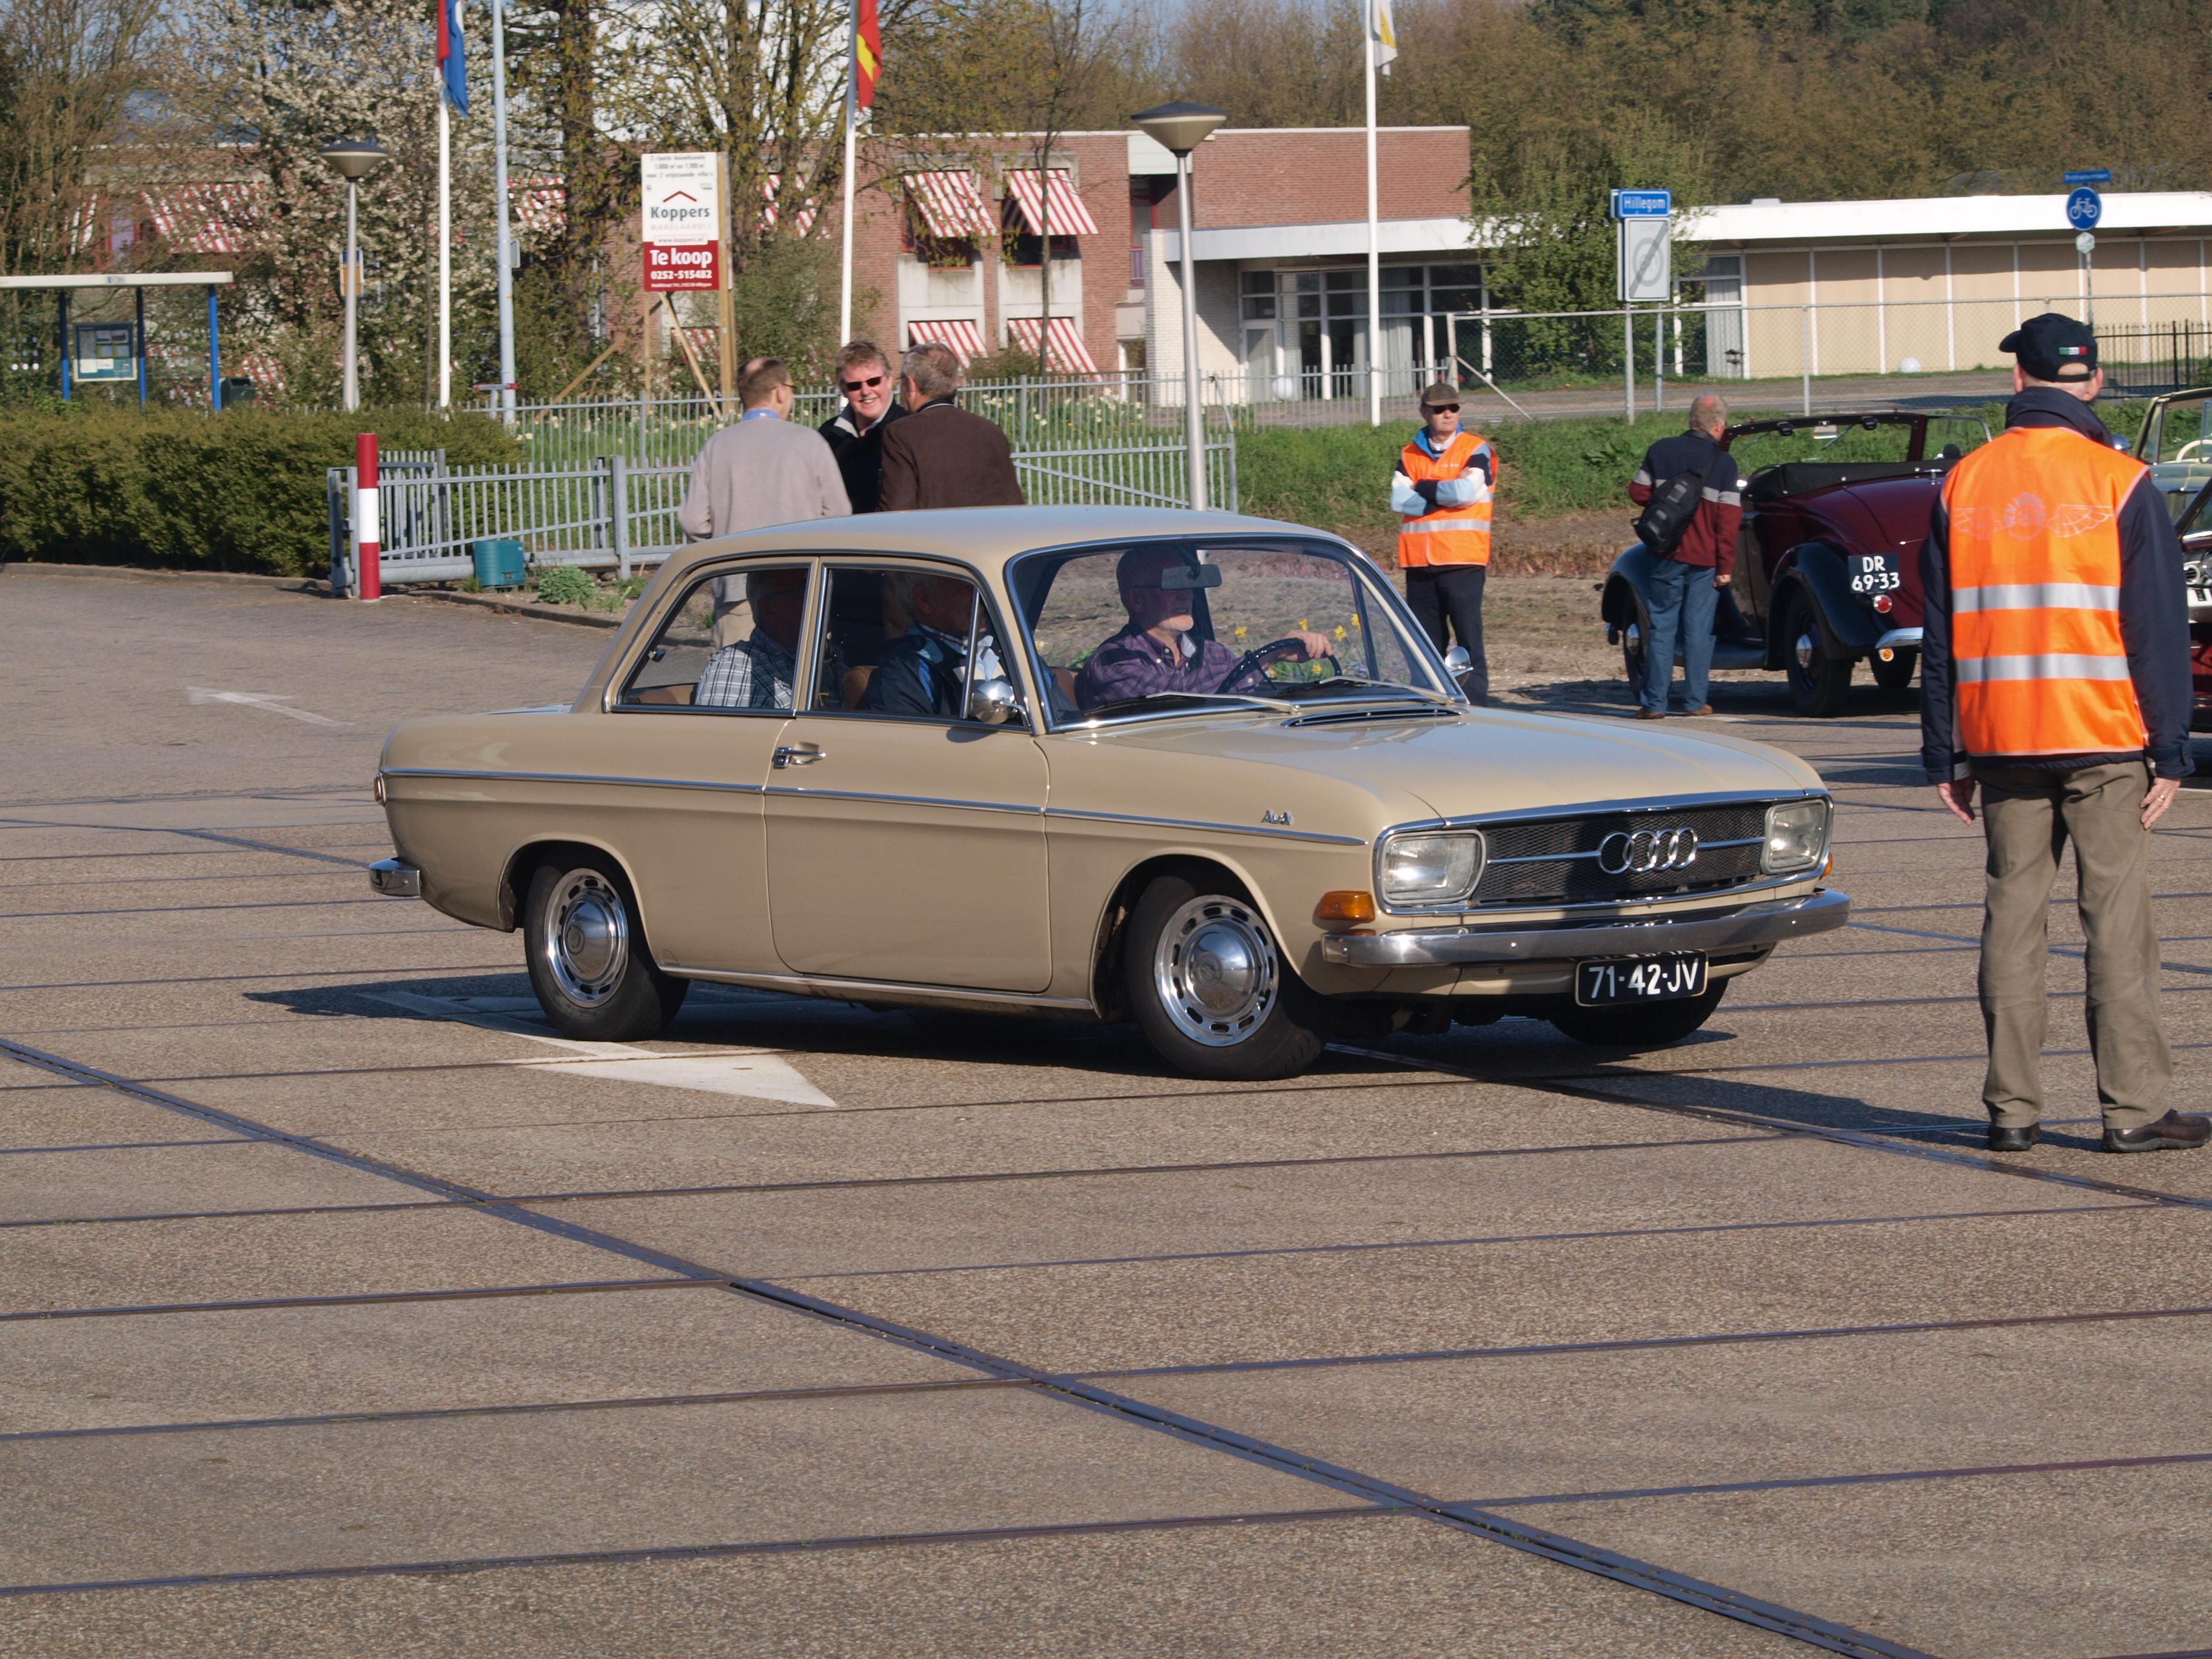 File:Audi 60 L (1969) licence 71-42-JV pic2.JPG ...